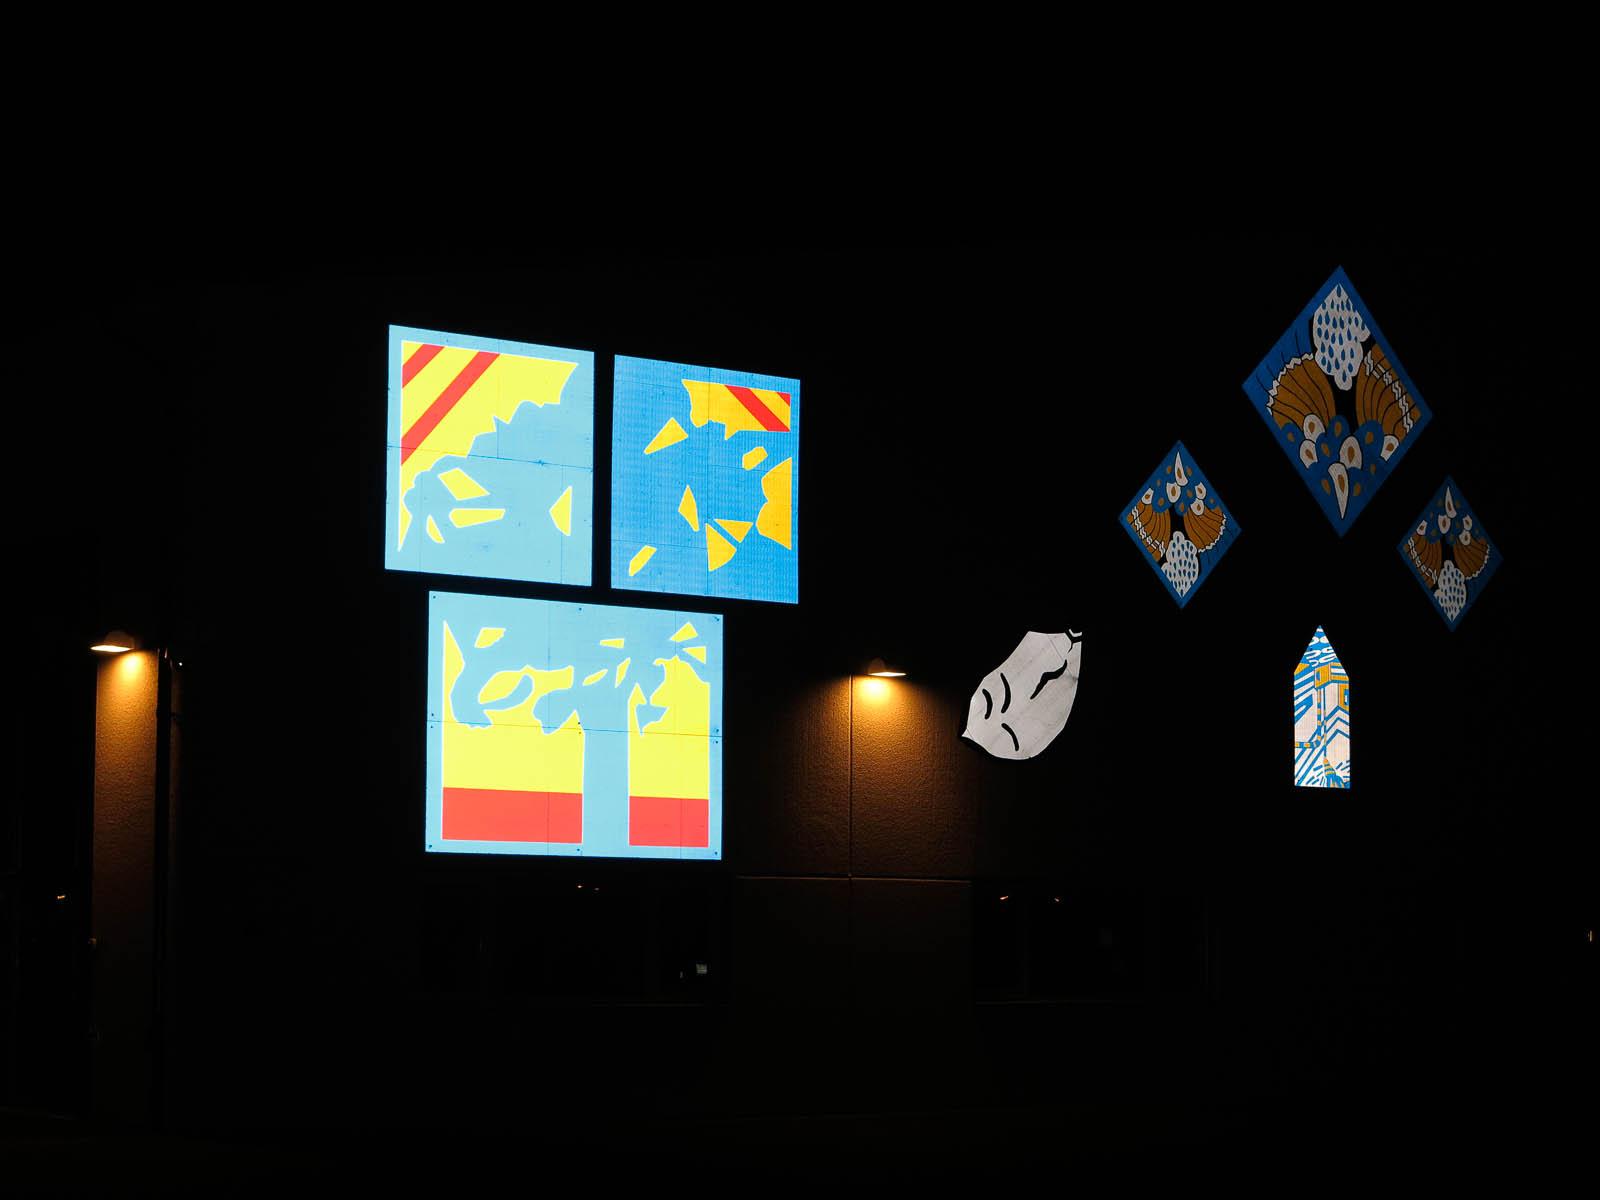 Lysande skyltar i mörkret. Var och en som en rebus som eventuellt kan utläsas. Anton Wiraeus, Vägledare (2013)